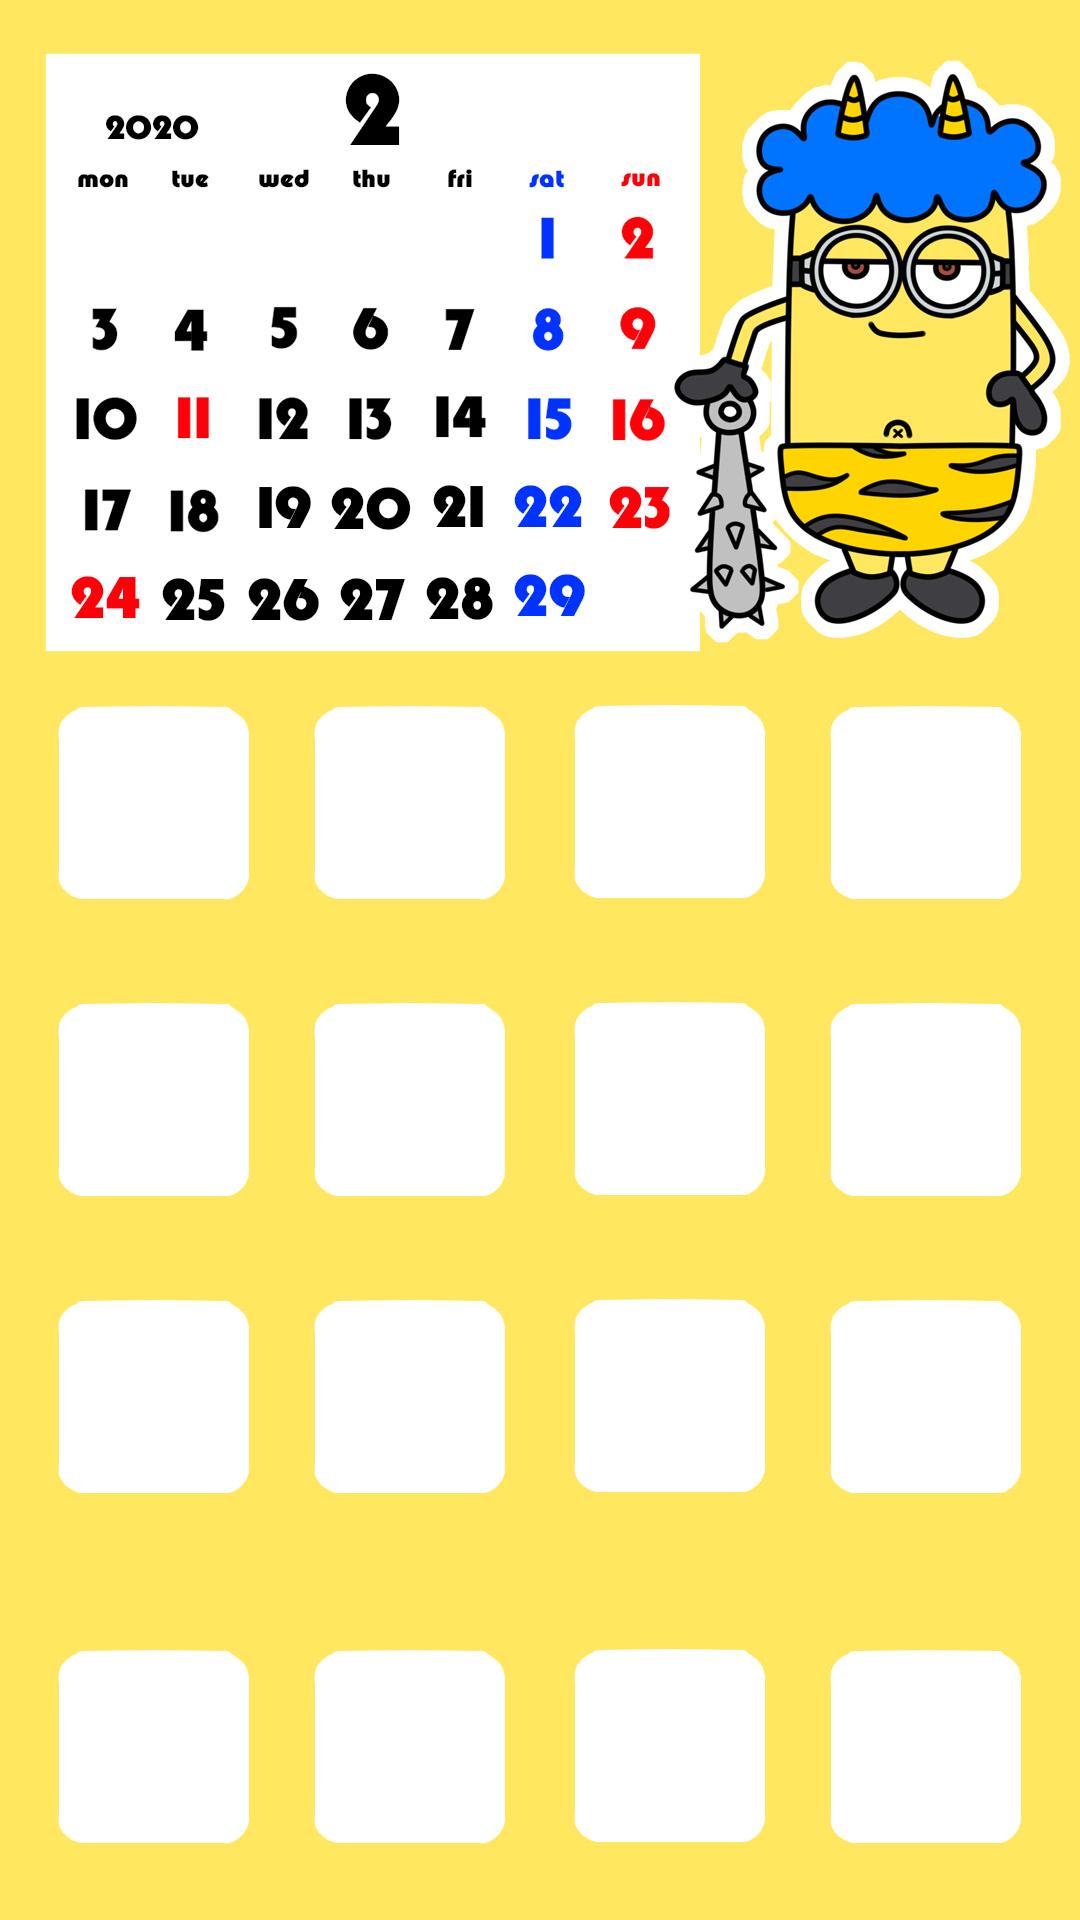 待ち受けカレンダー スマホ壁紙 ミニオンズ iPhone用 月曜始まり 2020年2月